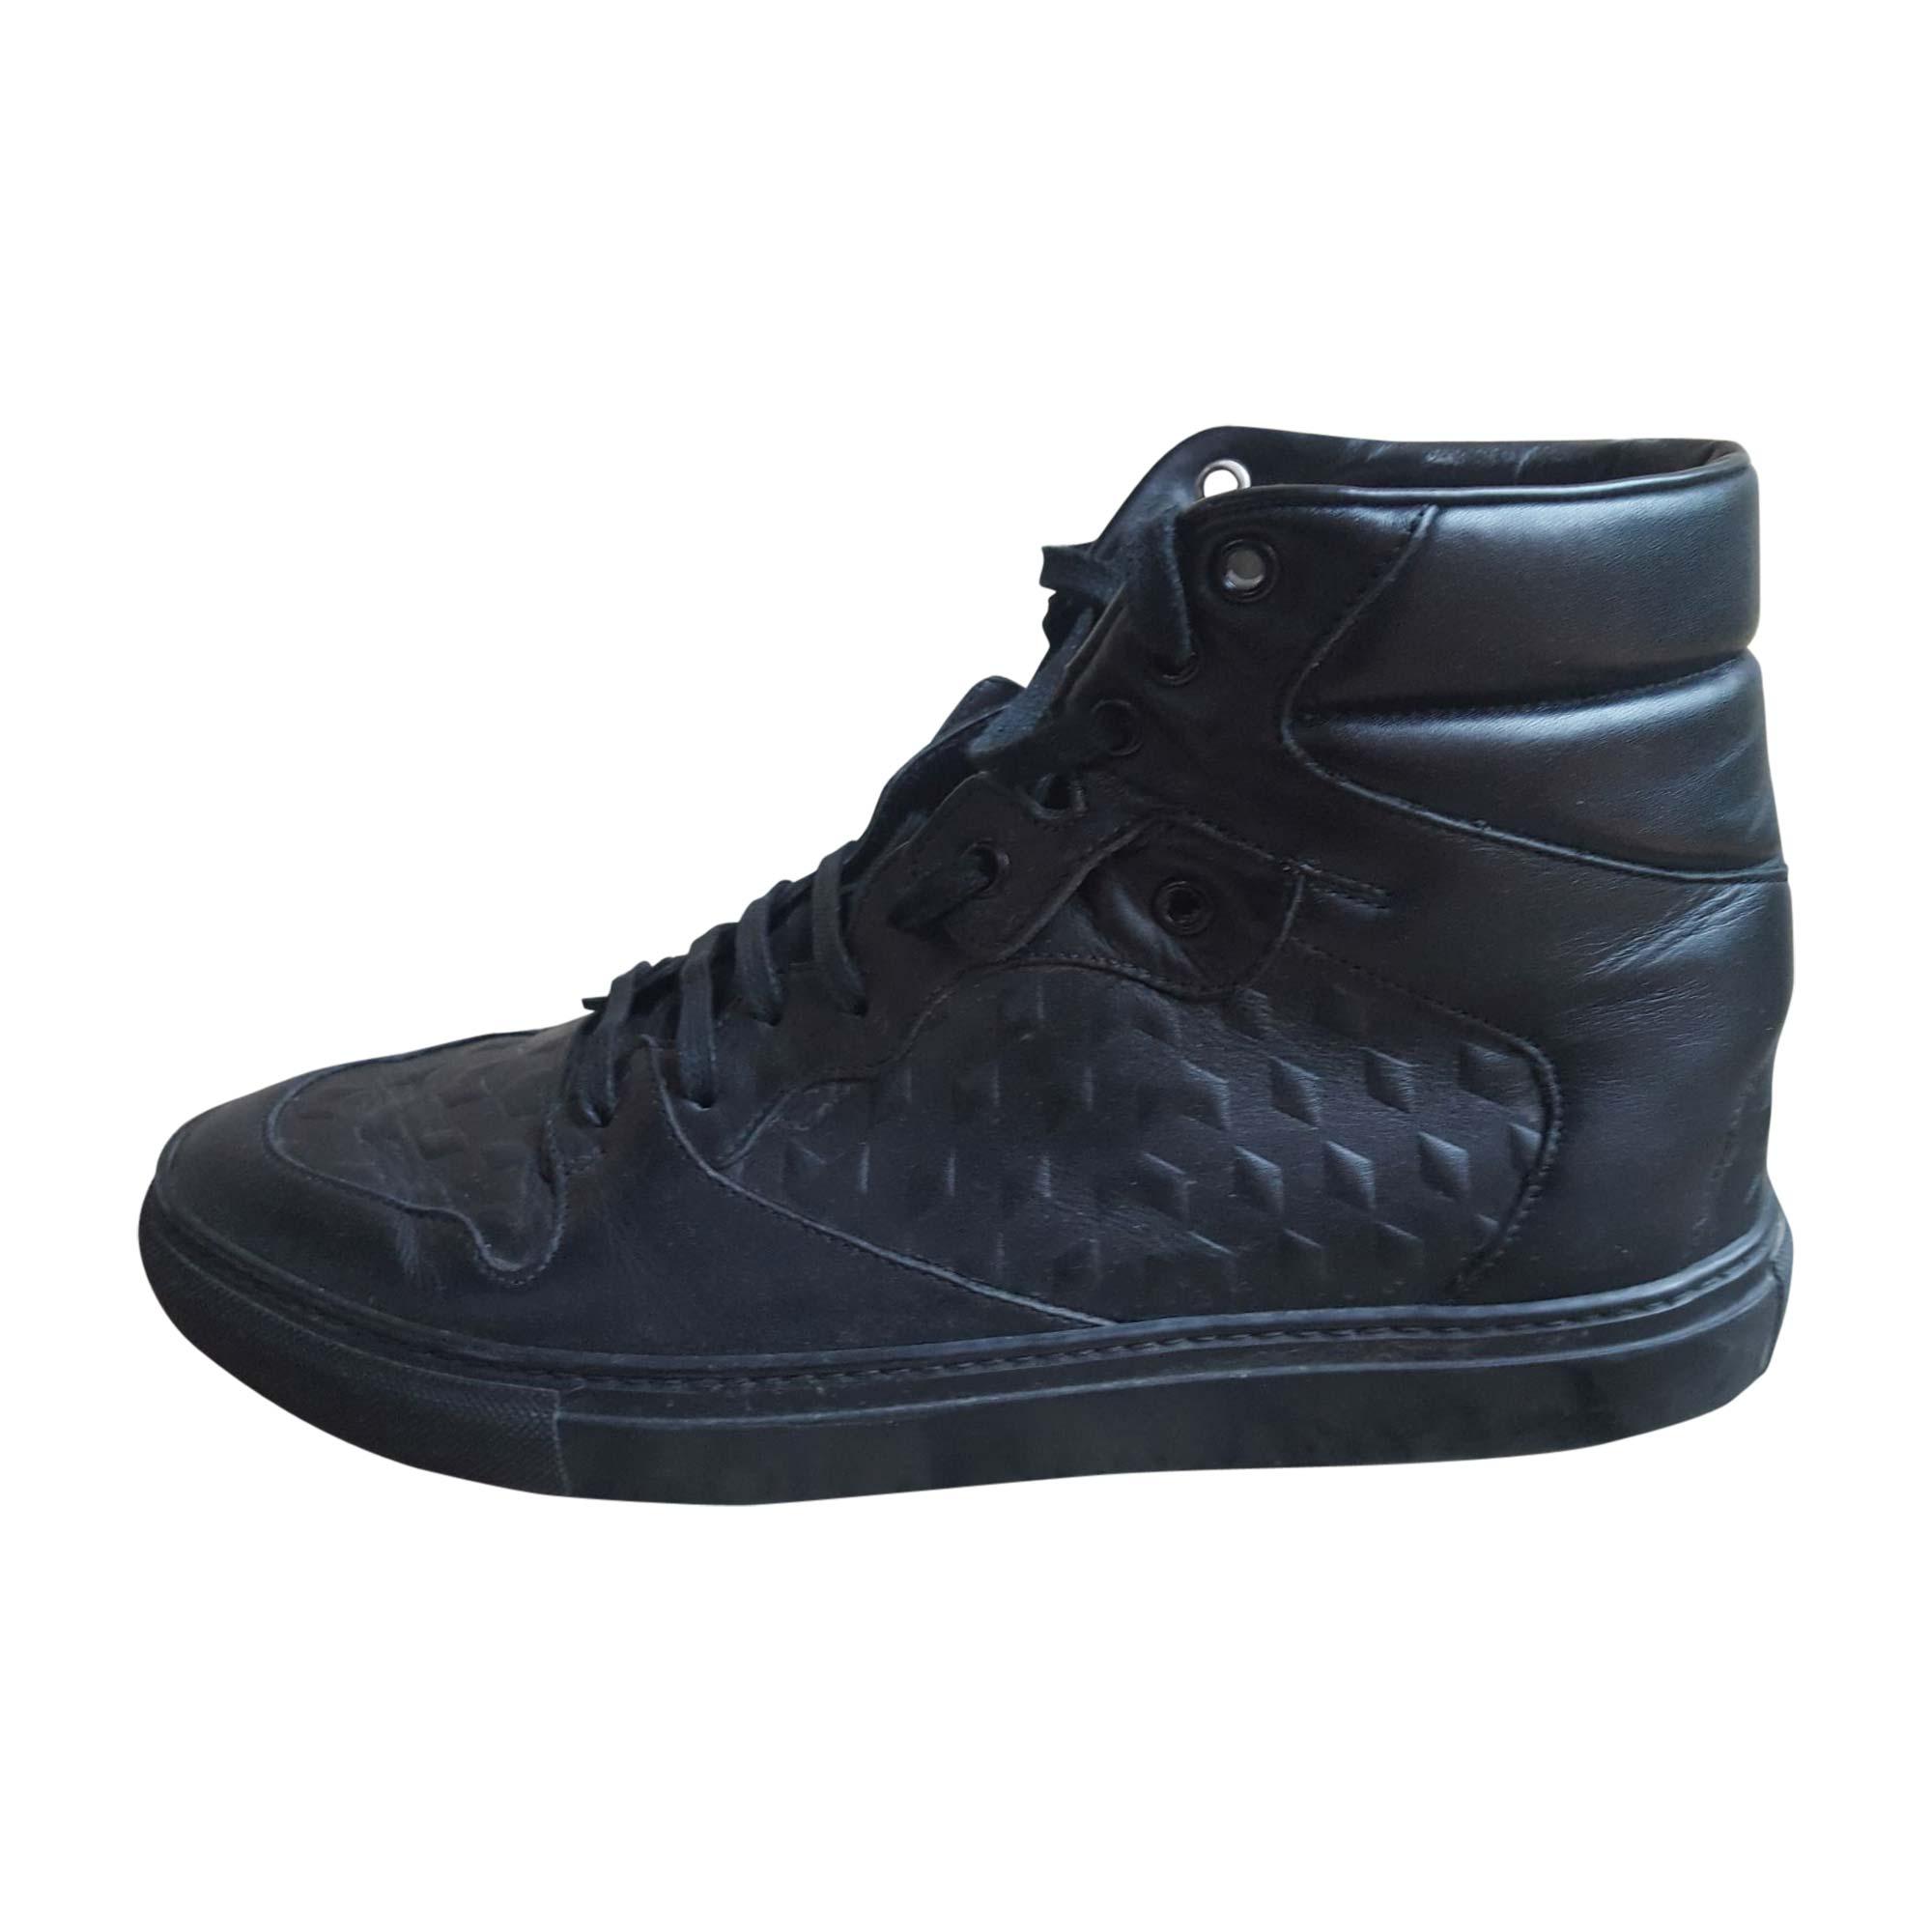 Sneakers BALENCIAGA Black